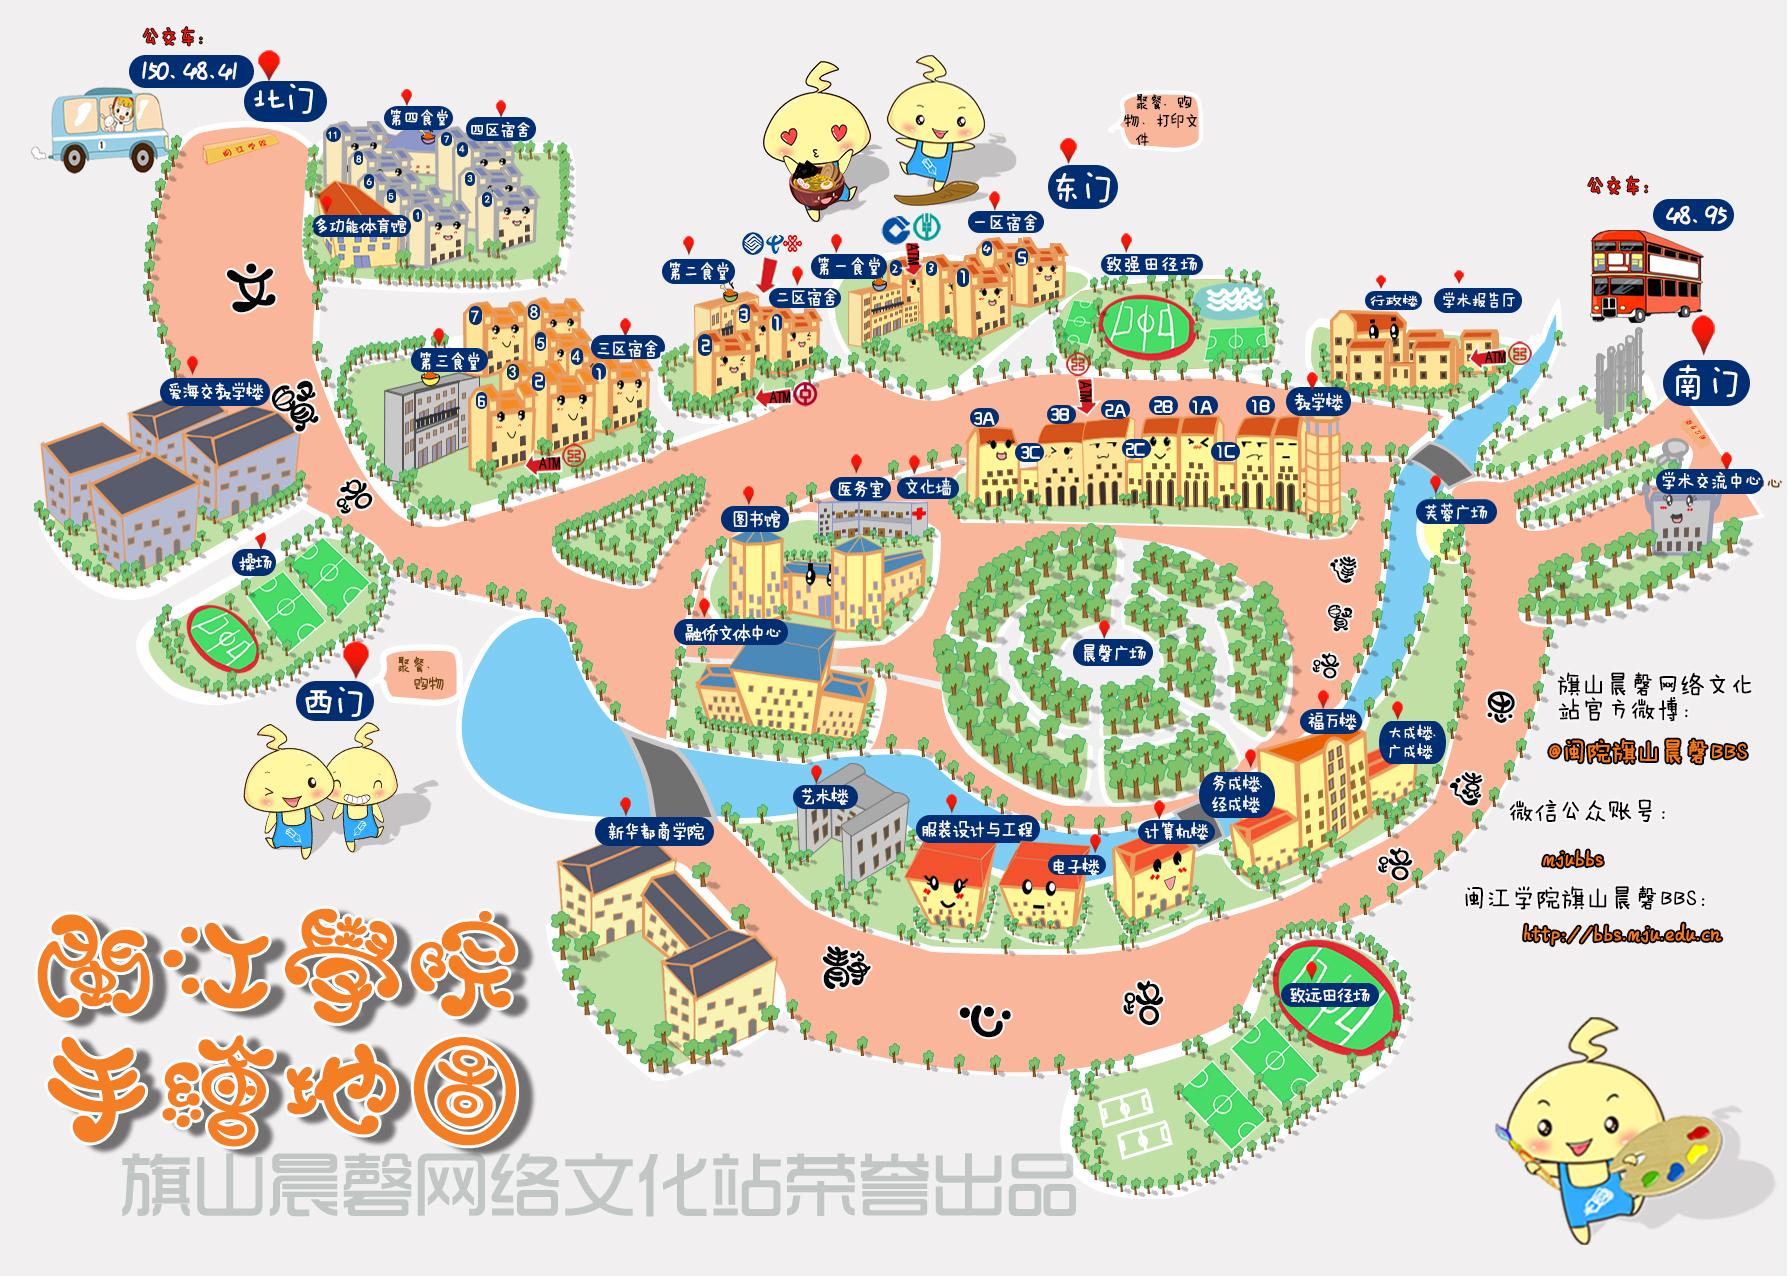 【闽江学院】萌萌哒校园手绘地图出炉